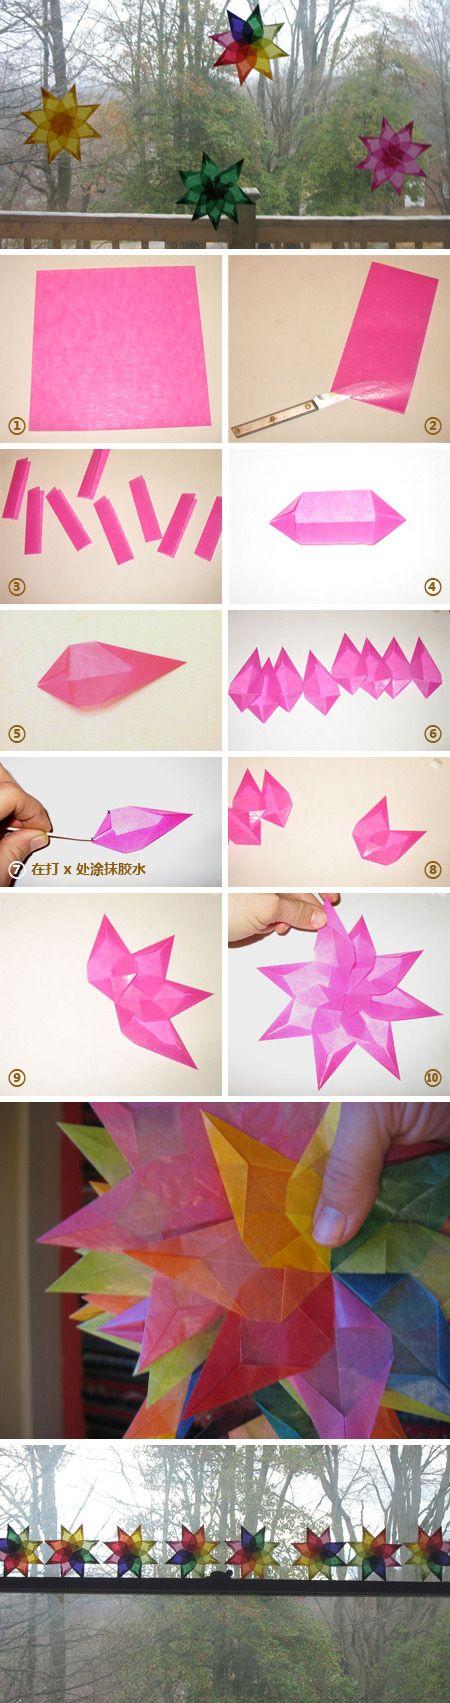 estrellas de papel para las ventanas